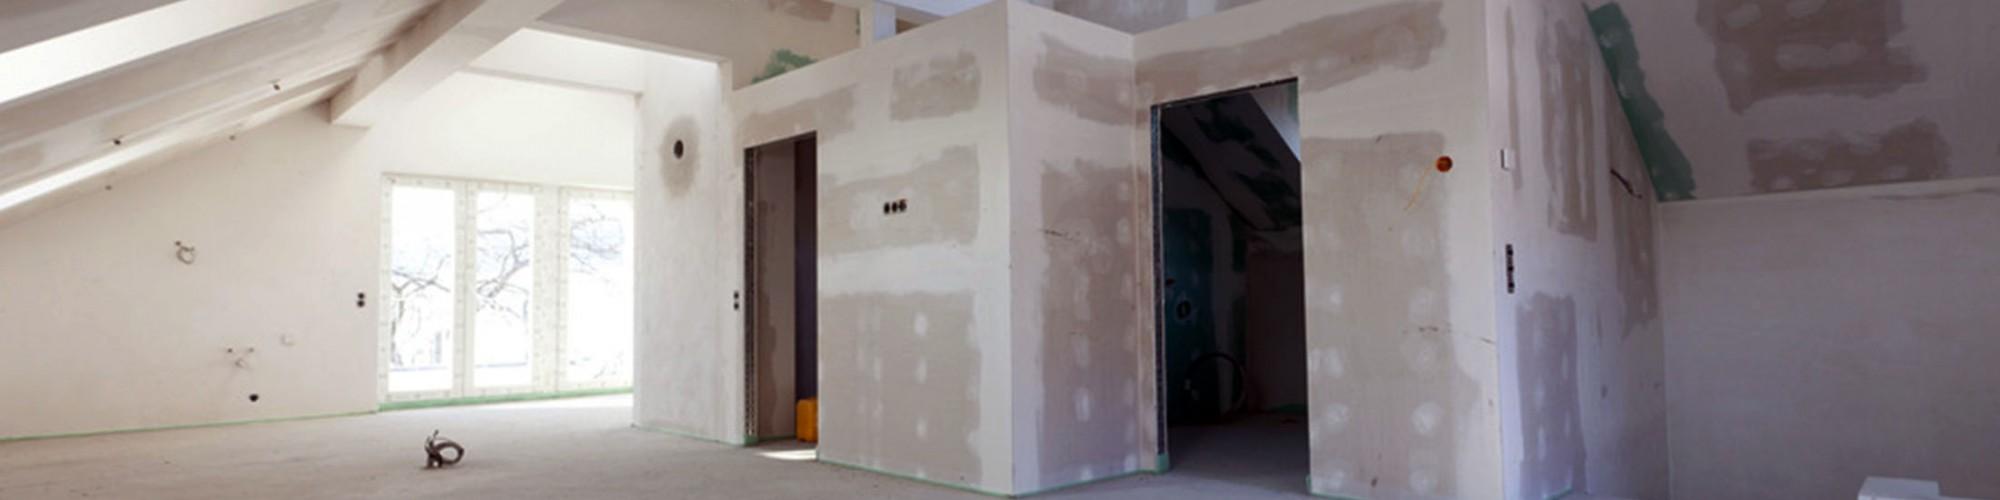 anti-schall - Weil der Innenausbau eine Sache von Kompetenz und Erfahrung ist